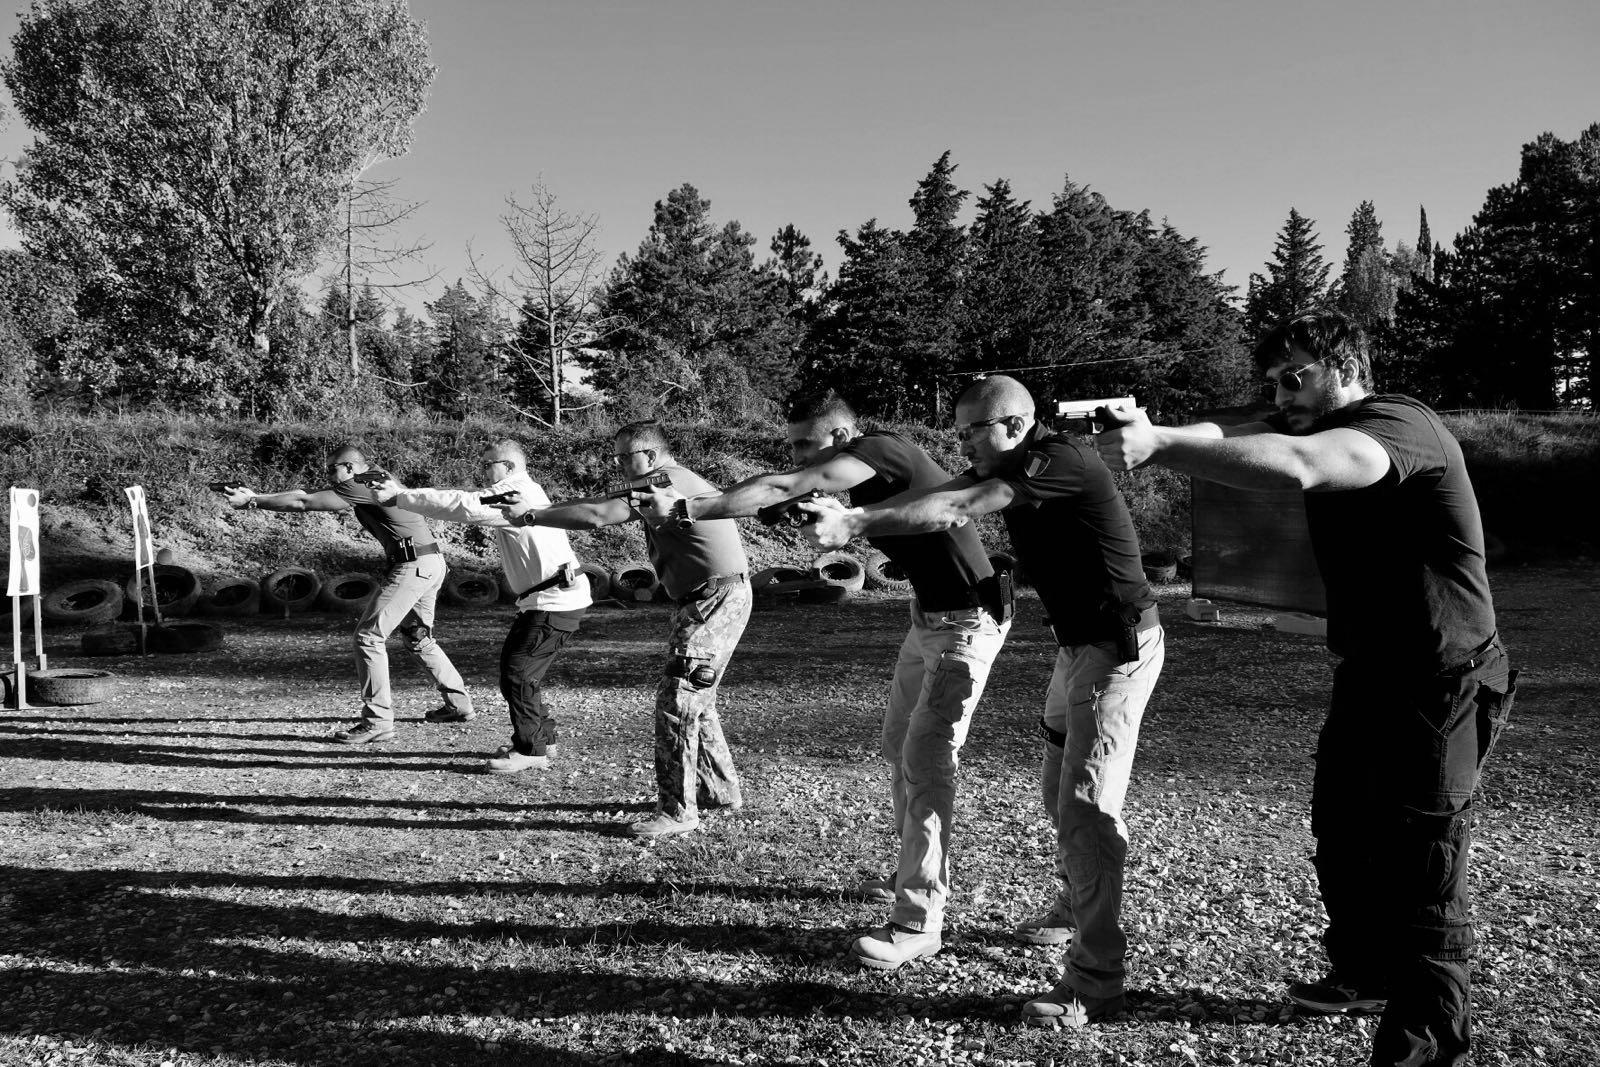 Tiro da difesa in gruppo: gli allievi in puntamento subito prima dello sparo